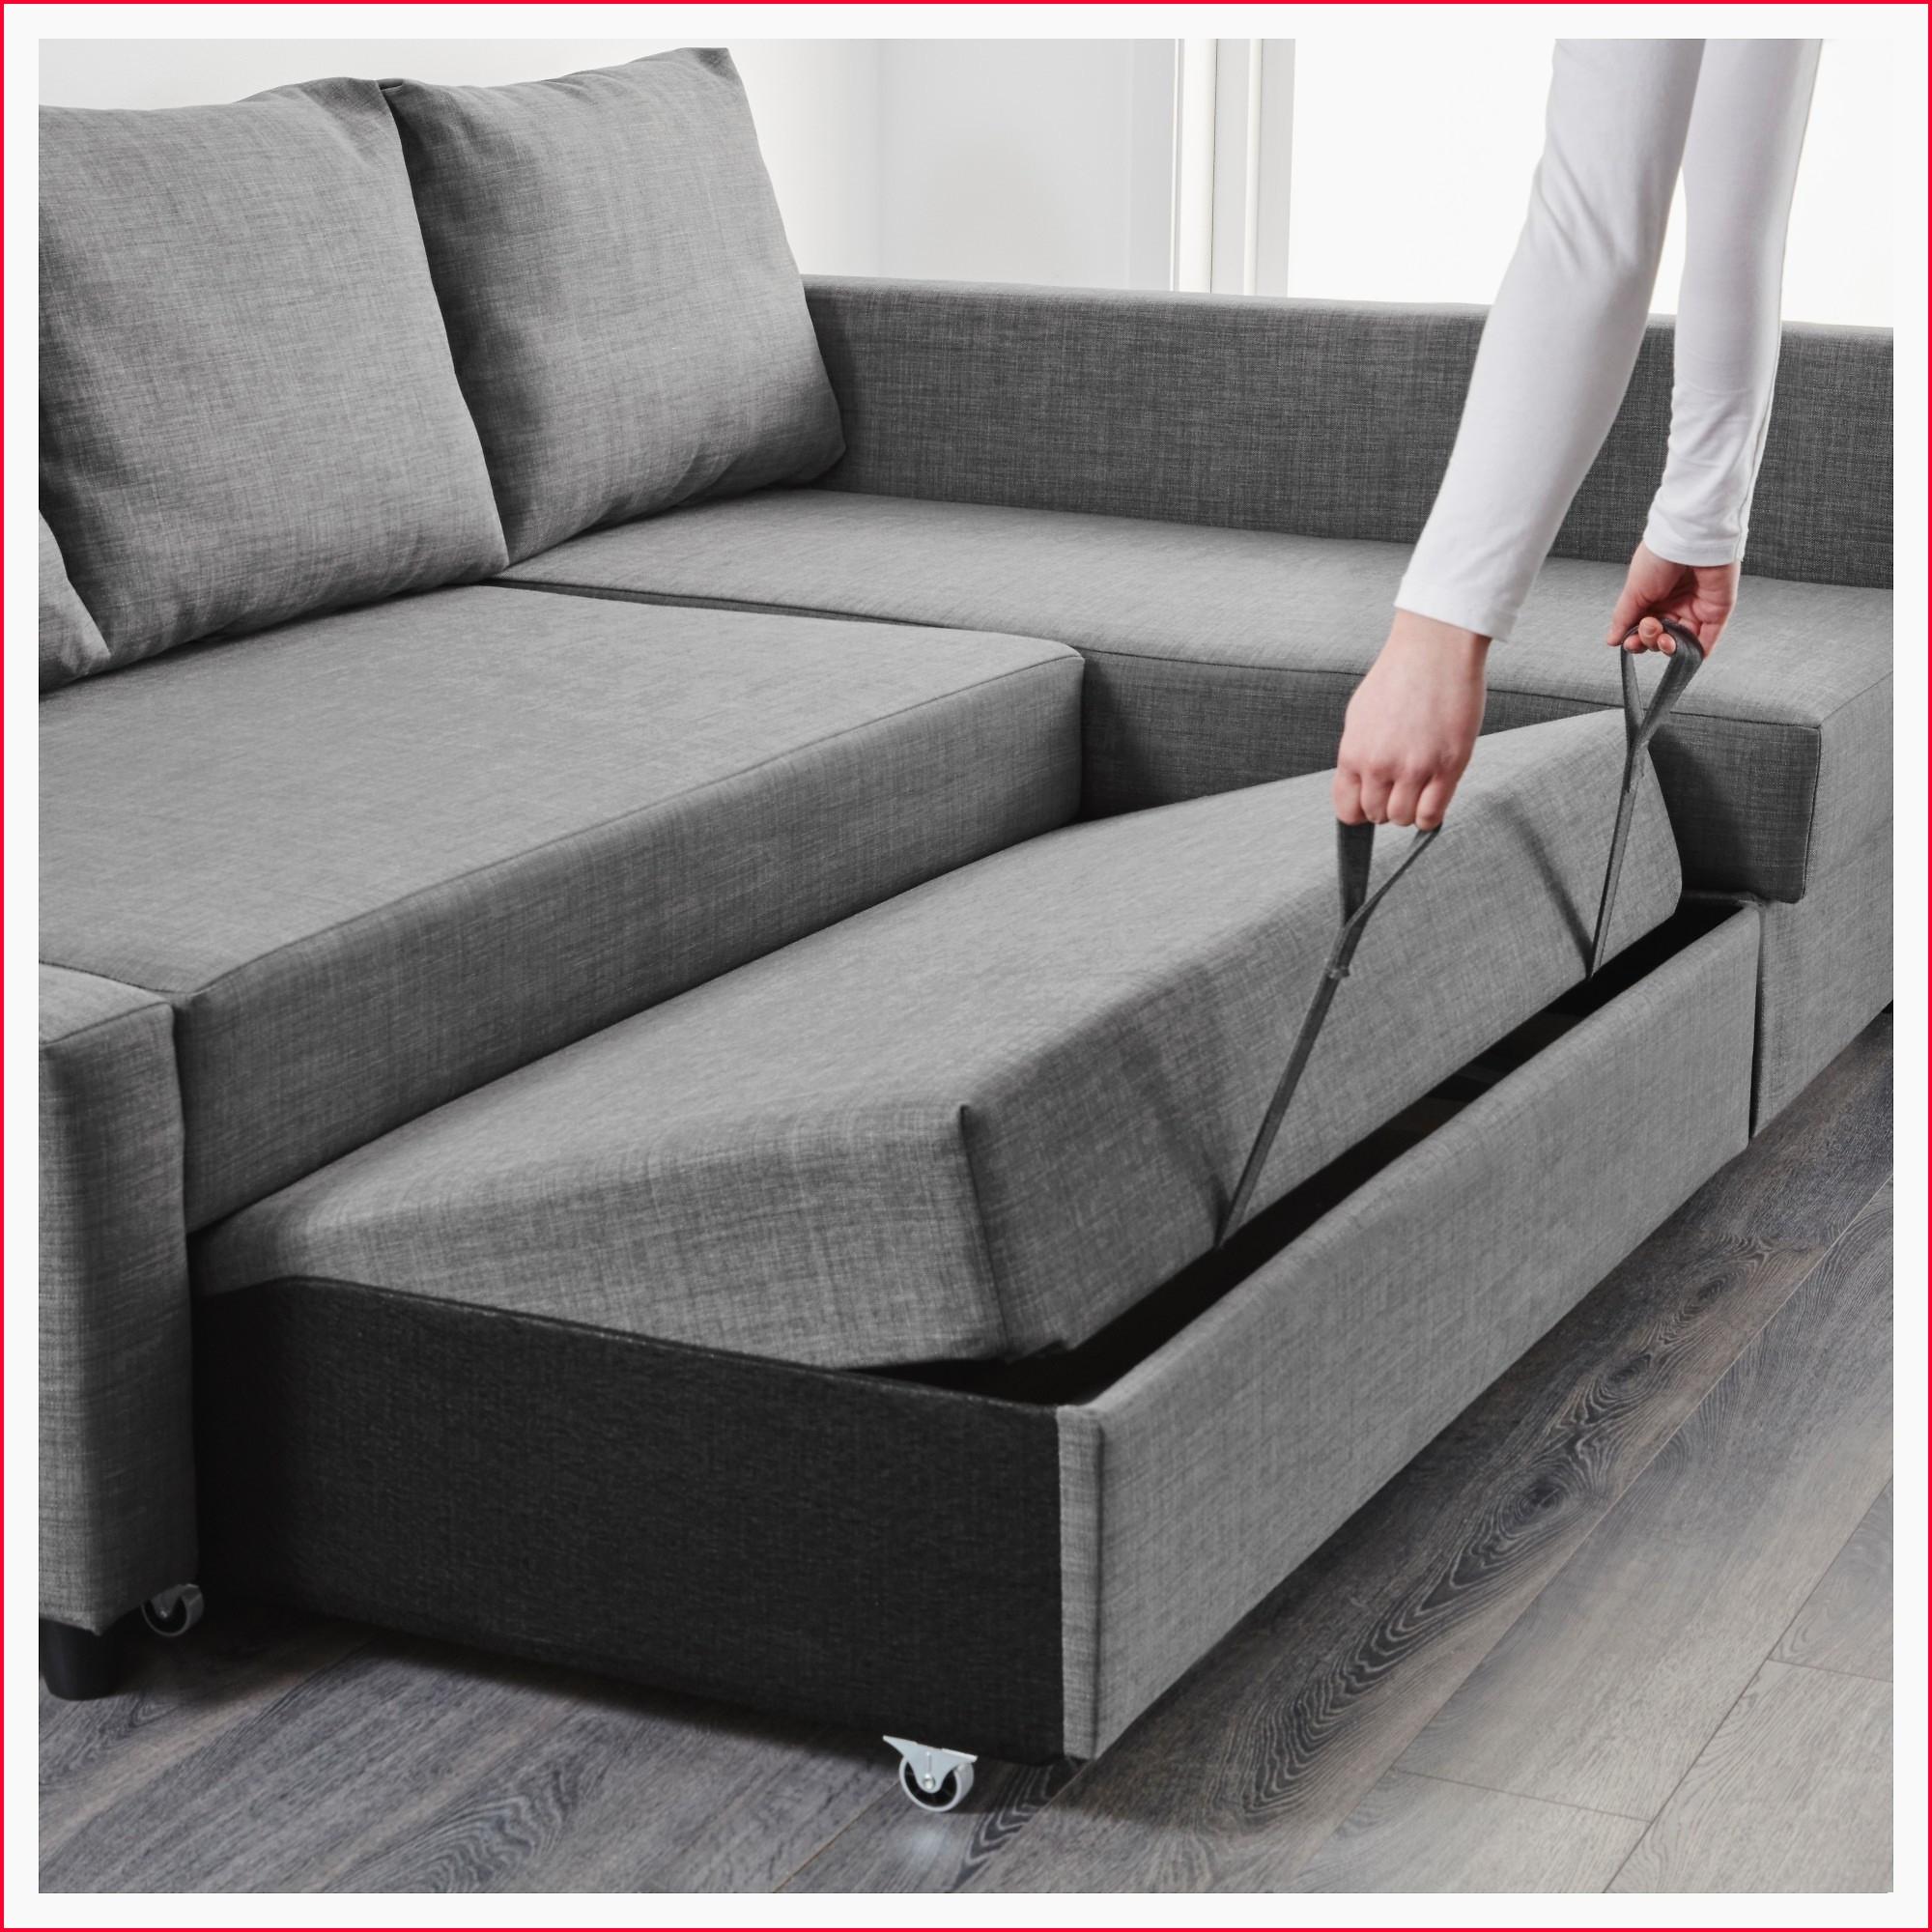 Sofas Cama Ikea 2017 Mndw Reciente sofà S Cama Ikea Fotos De Cama Diseà O Cama Ideas